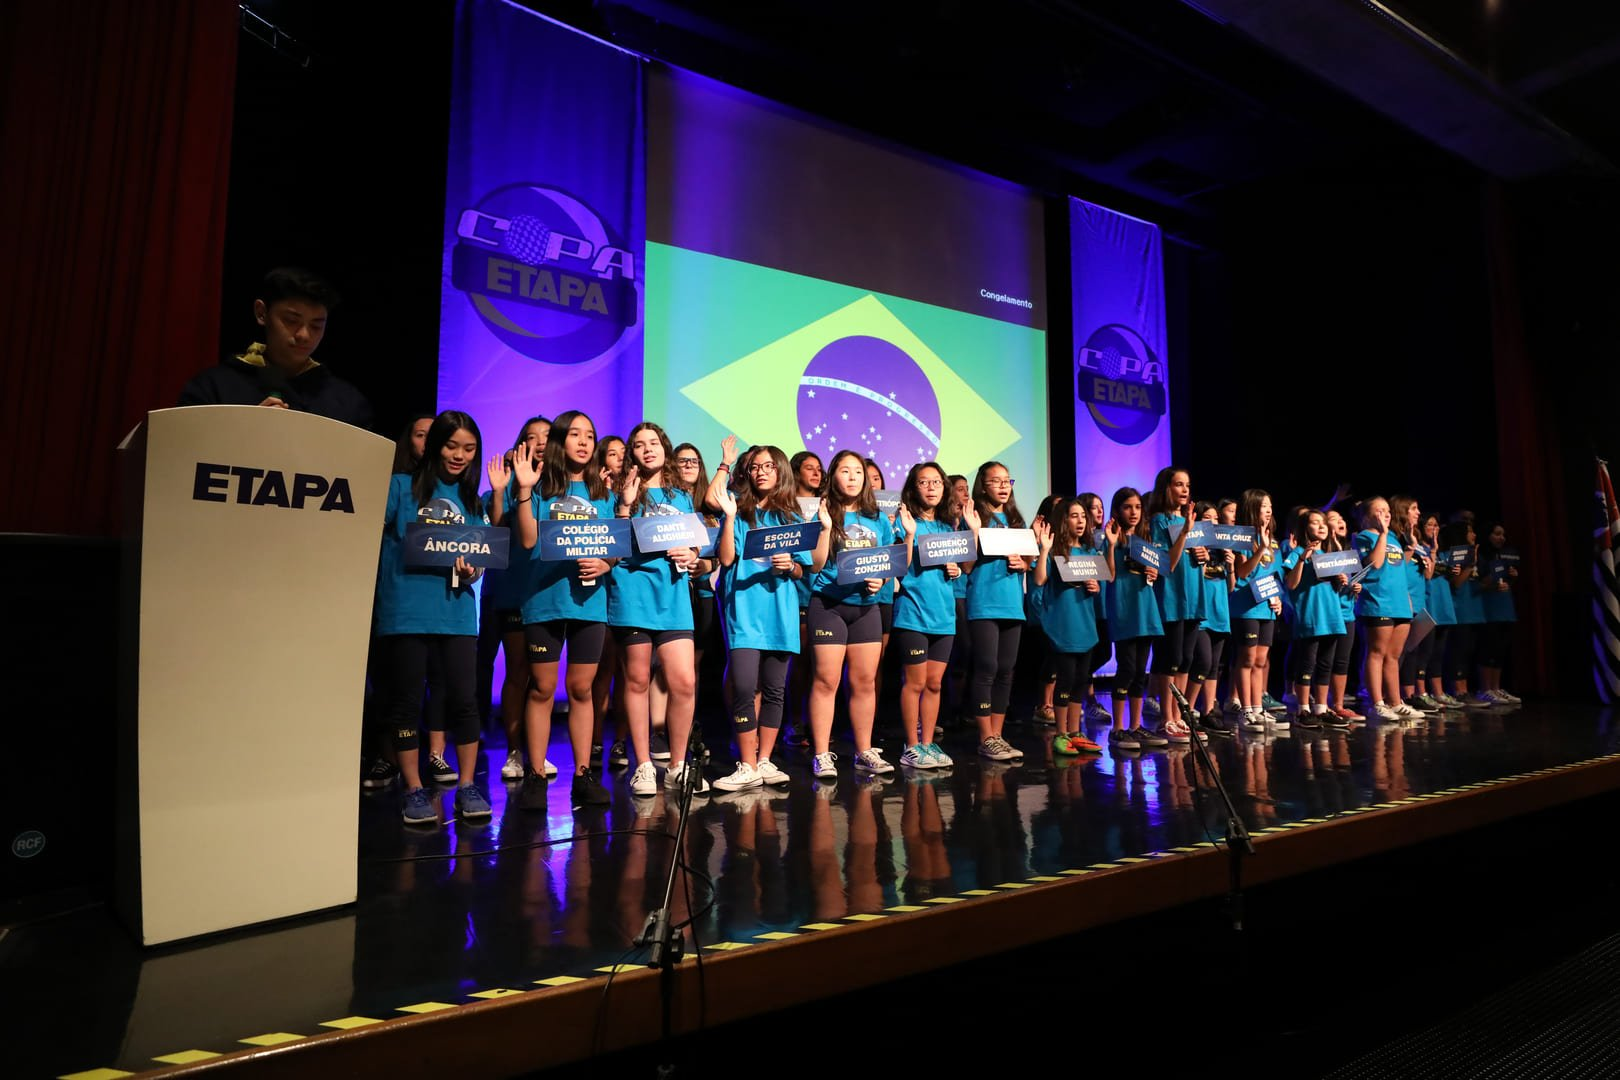 Copa Etapa 2018 reuniu 37 colégios da Grande São Paulo para competição esportiva.